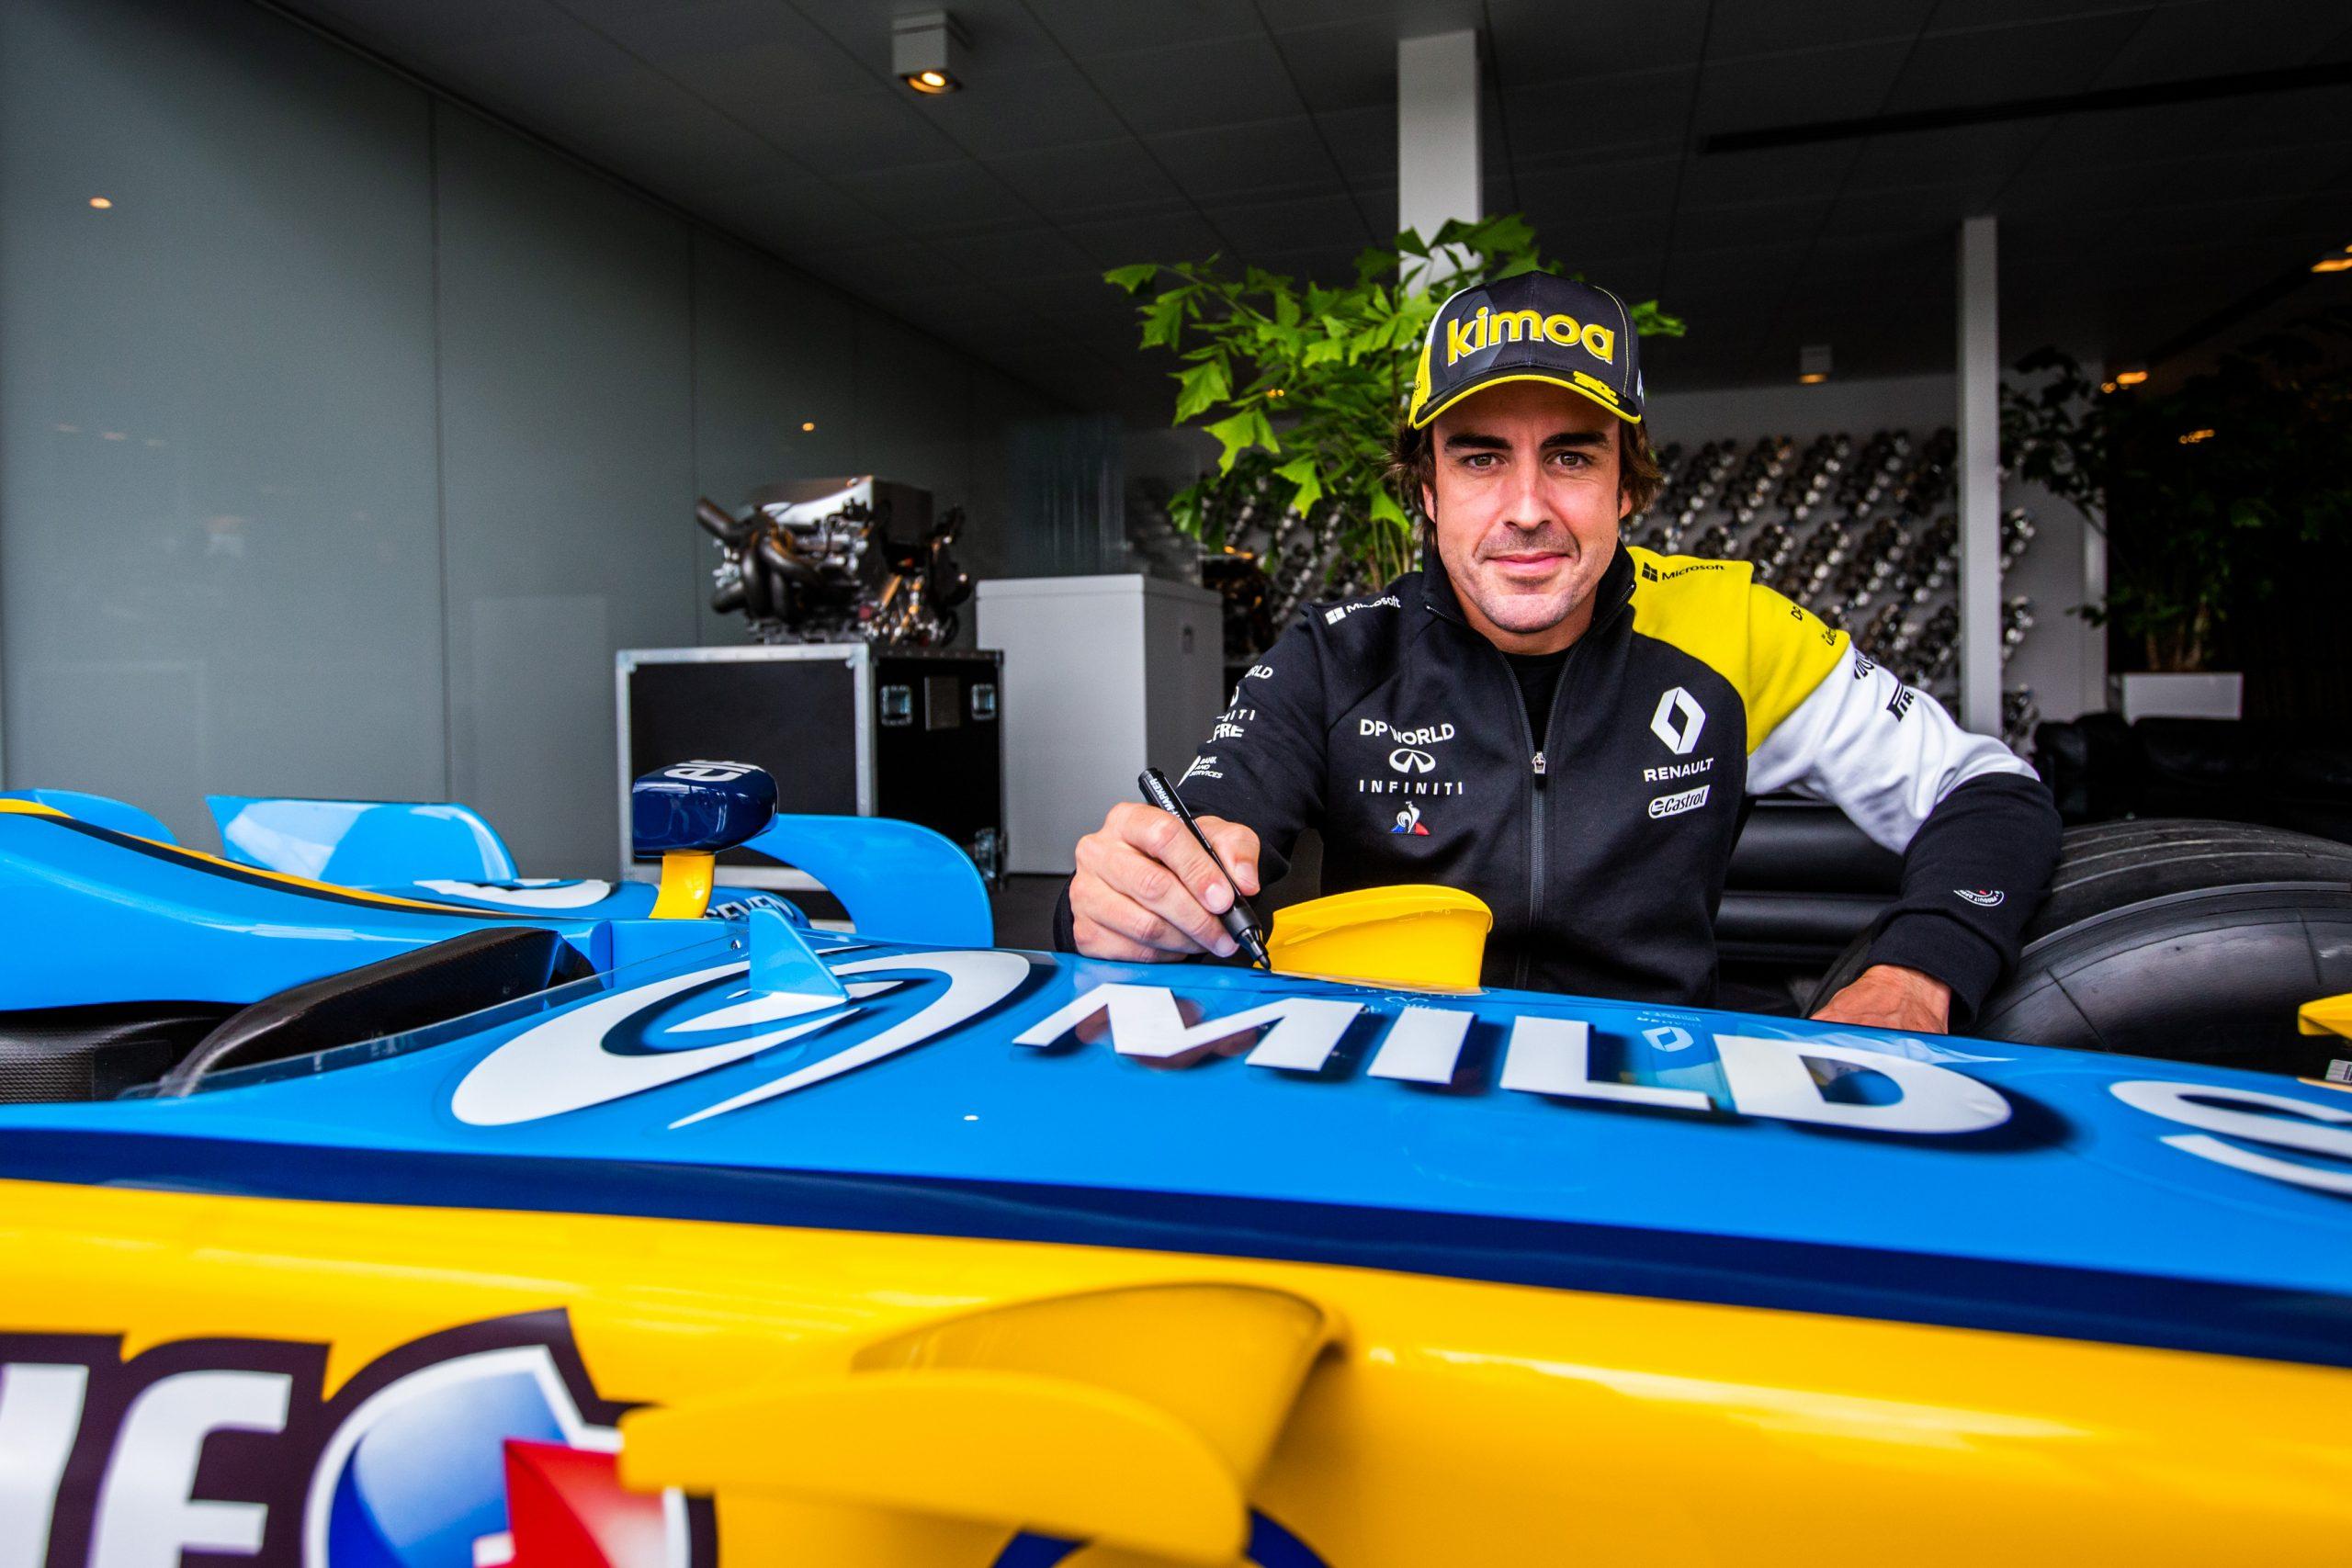 Formula 1, Alonso prova la Renault sul circuito di Barcellona - Sportmediaset